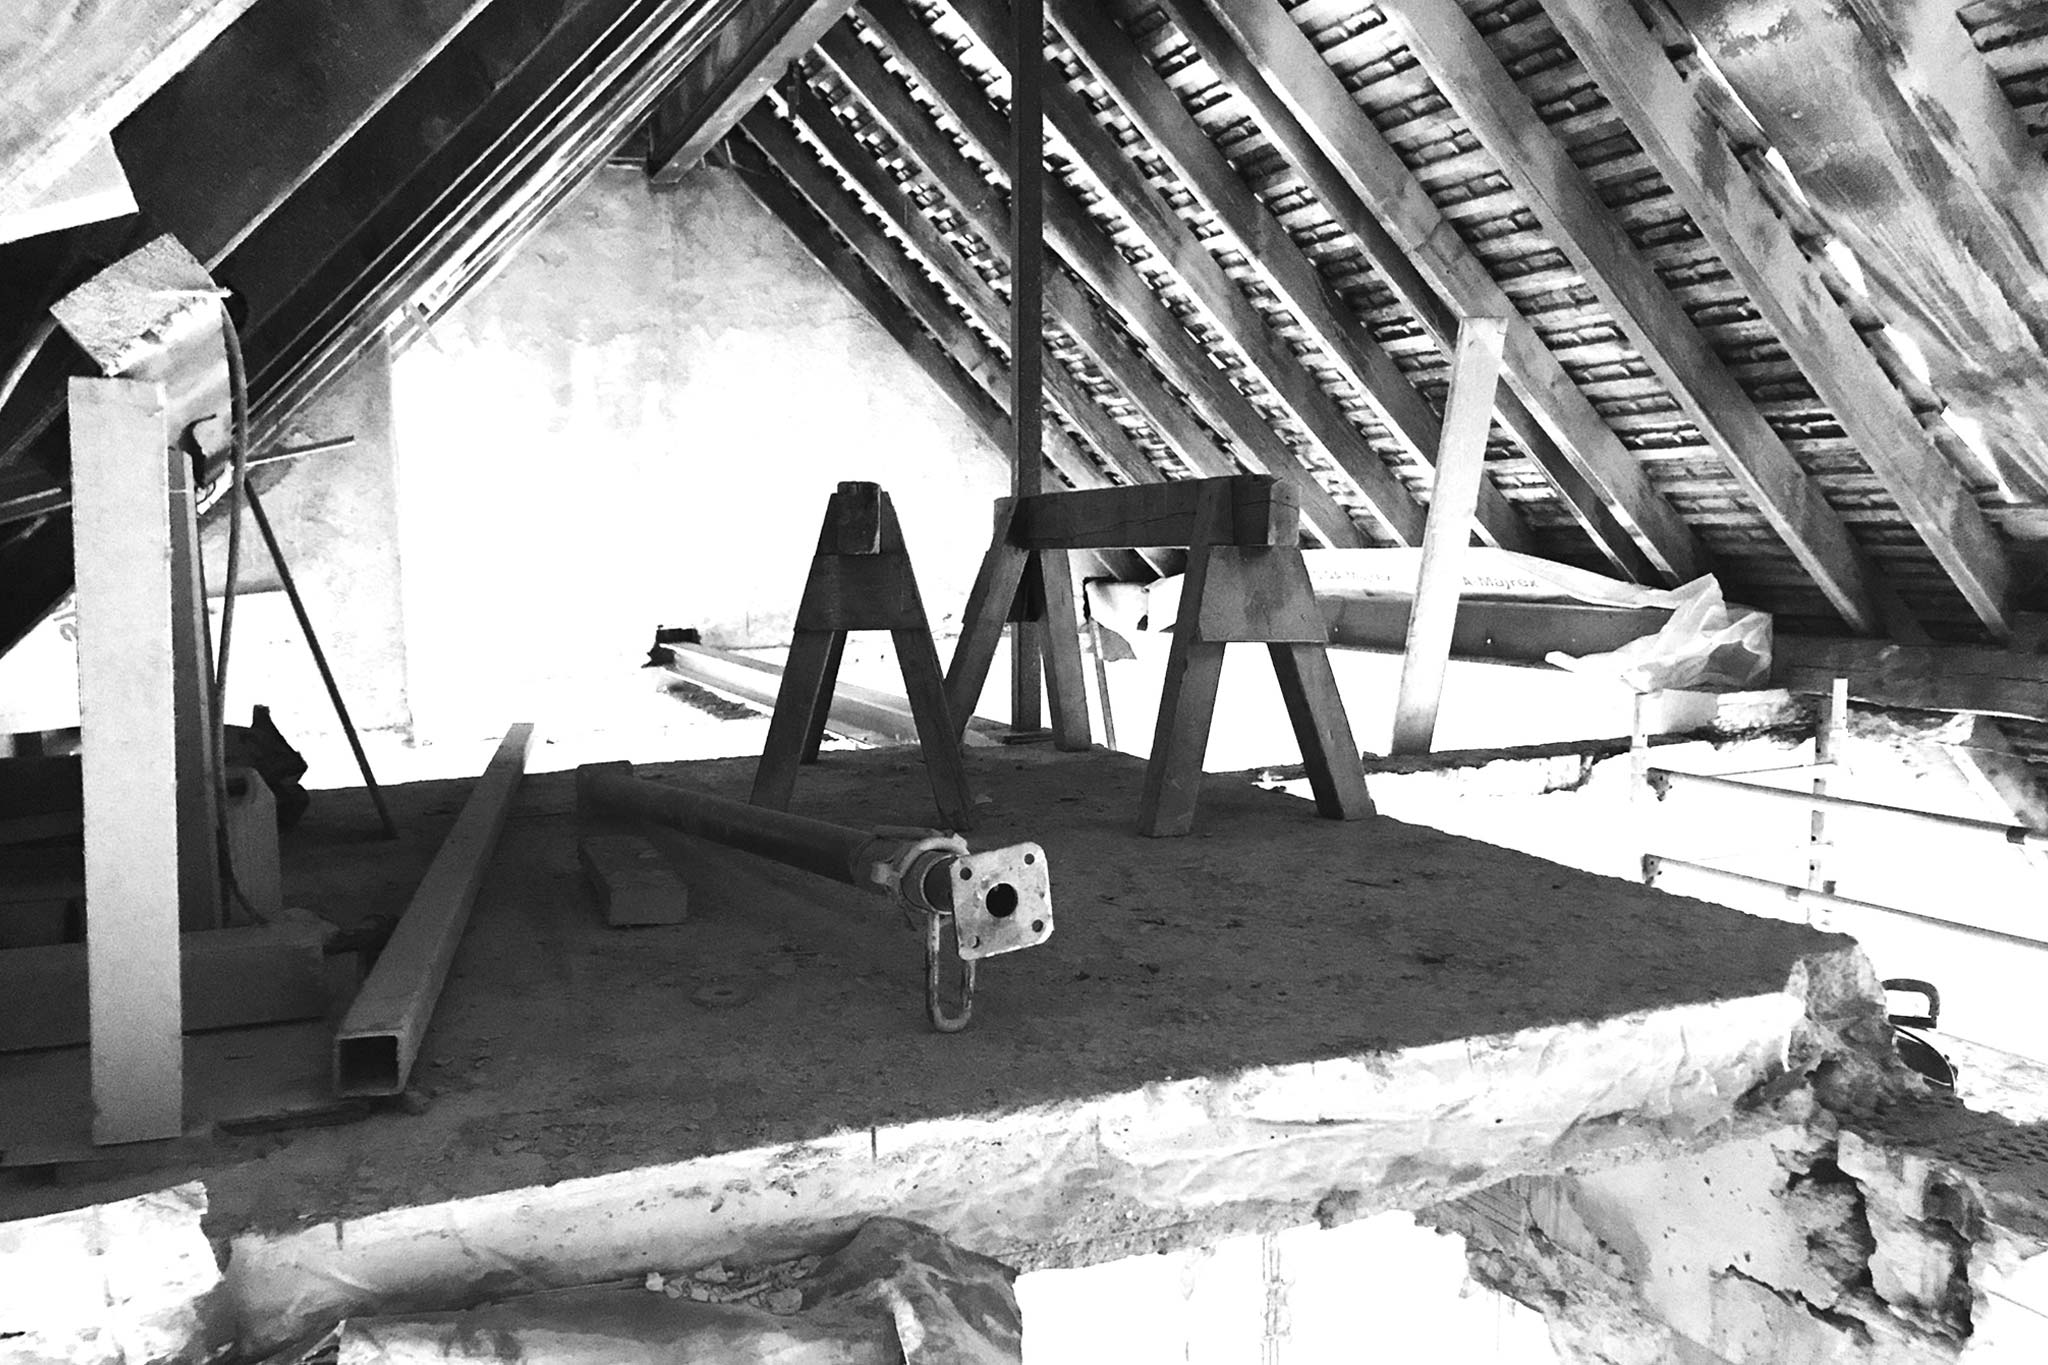 Sarger Architekten: Umbau und Sanierung eines vorhandenen Dachgeschosses in München. Zusammenlegung von zwei Wohneinheiten zu einer Wohneinheit